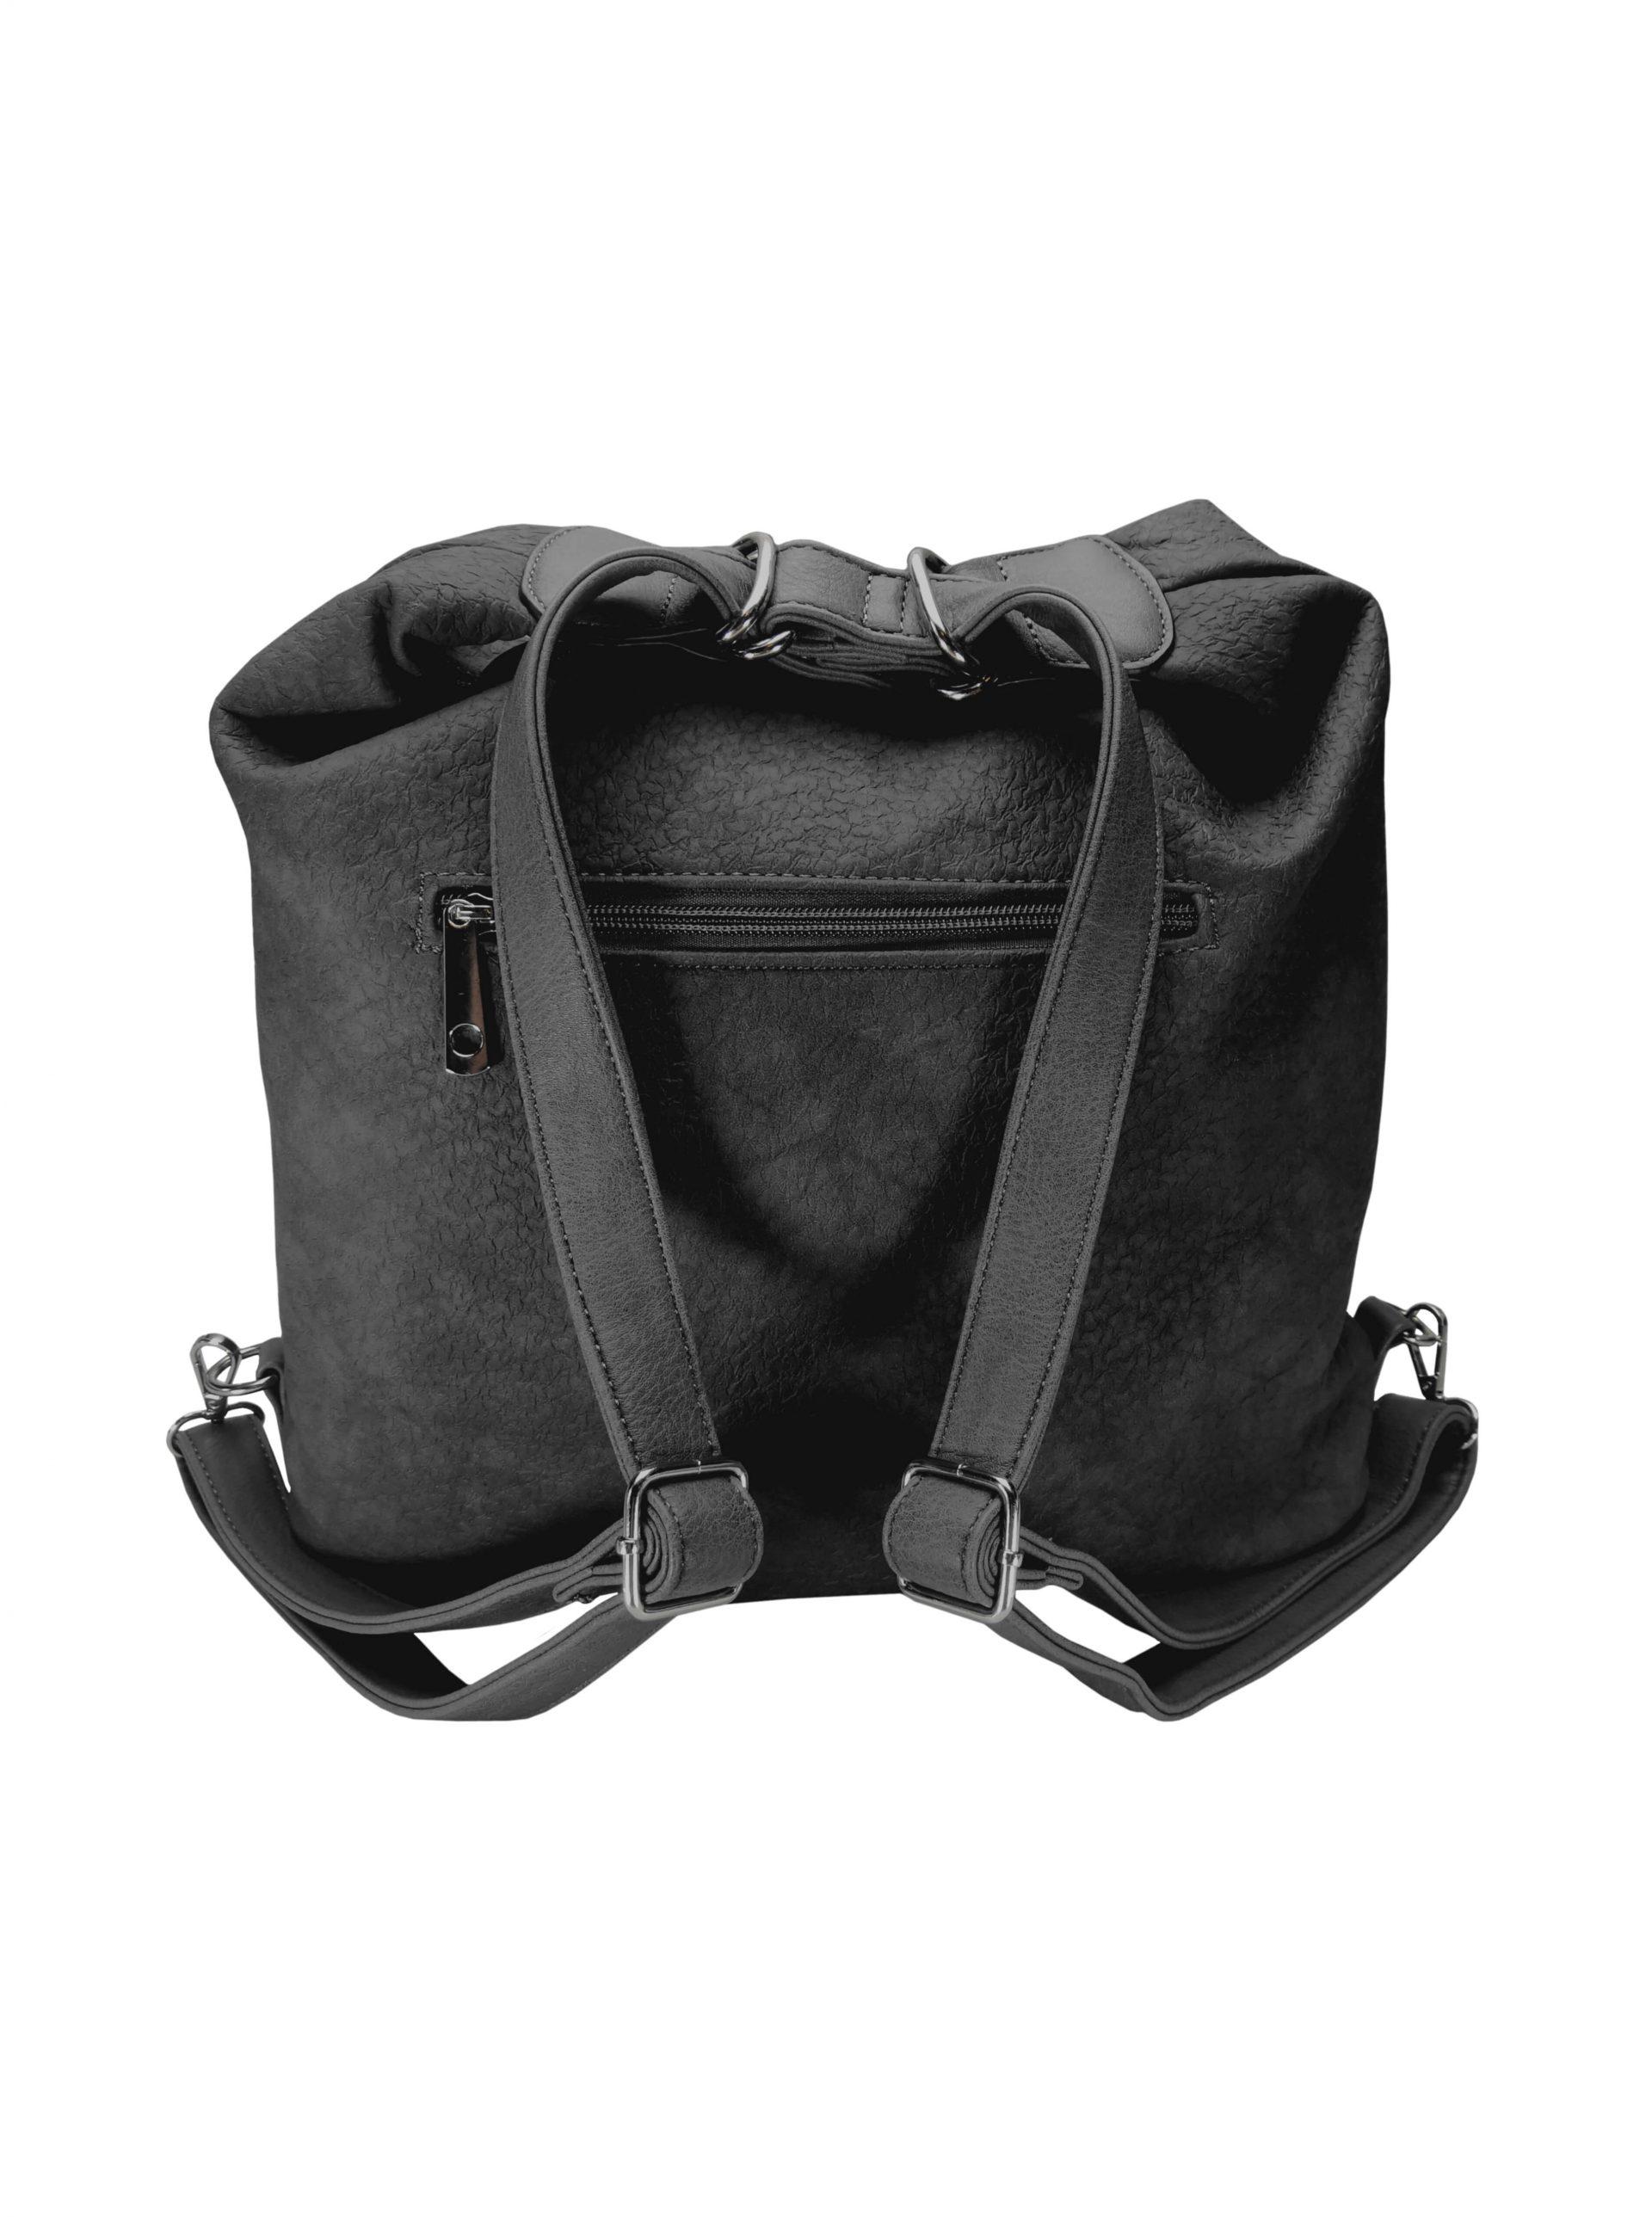 Velký dámský kabelko-batoh z eko kůže Tapple H18077 tmavě šedý zadní strana s popruhy